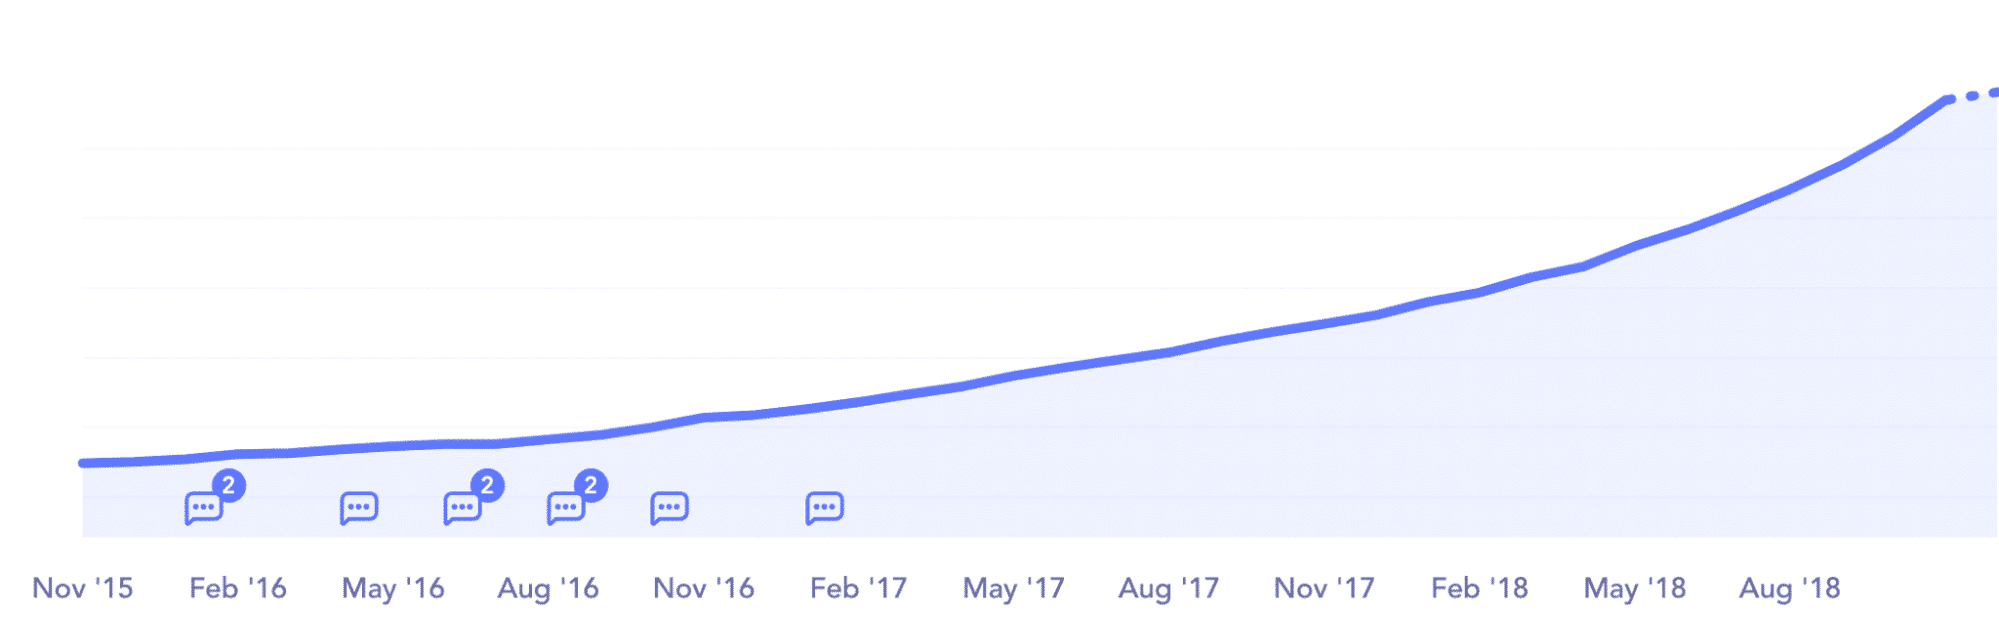 Kinsta ARR growth